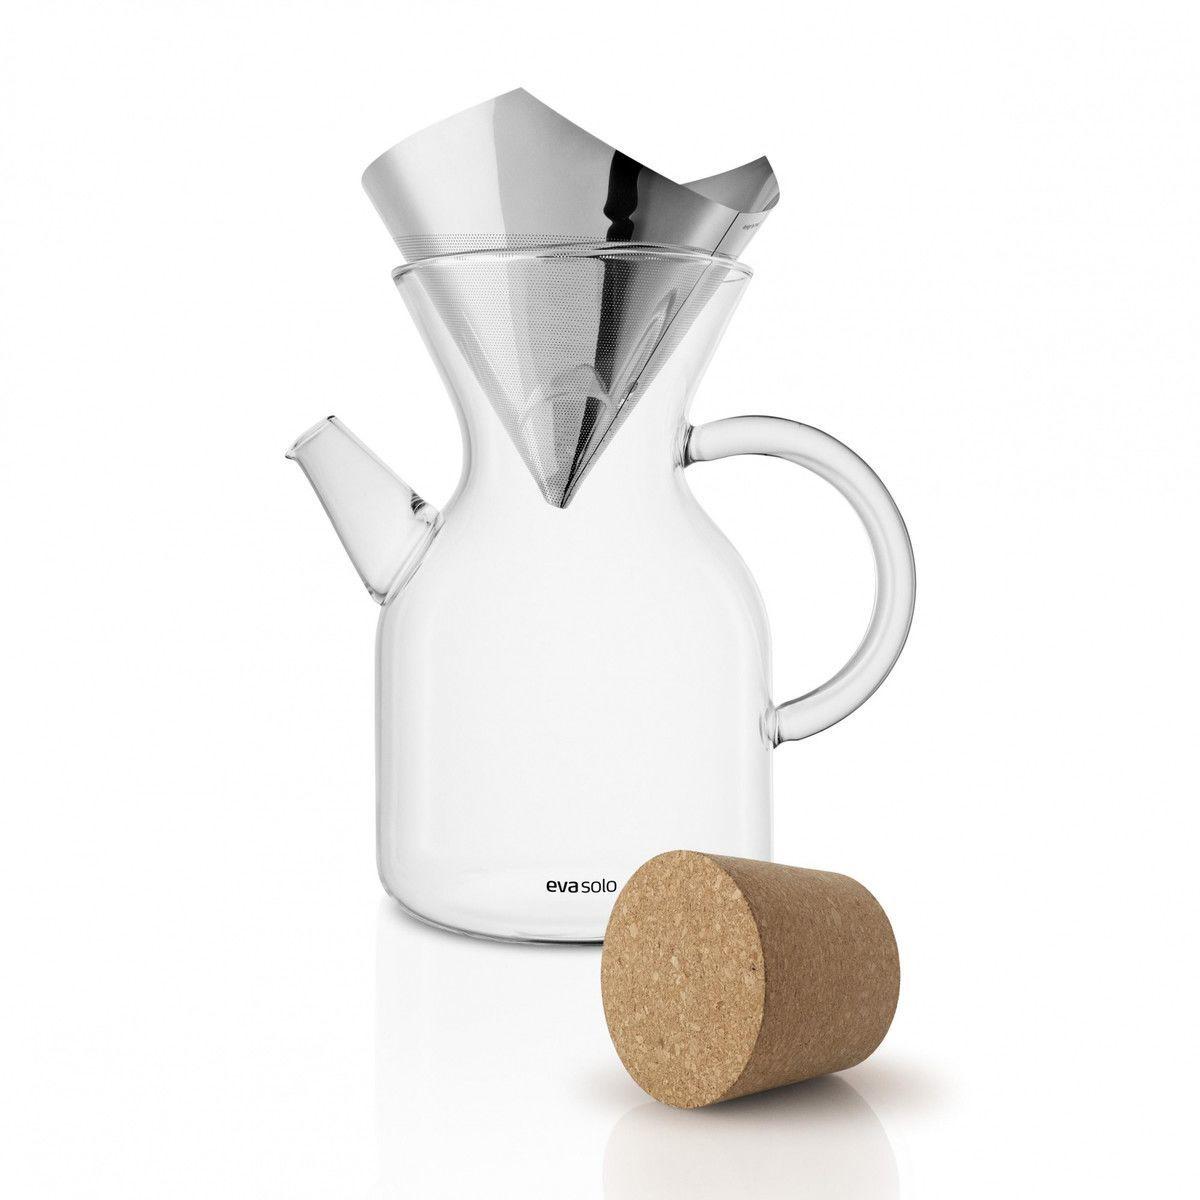 eva solo pour over coffee maker eva solo. Black Bedroom Furniture Sets. Home Design Ideas